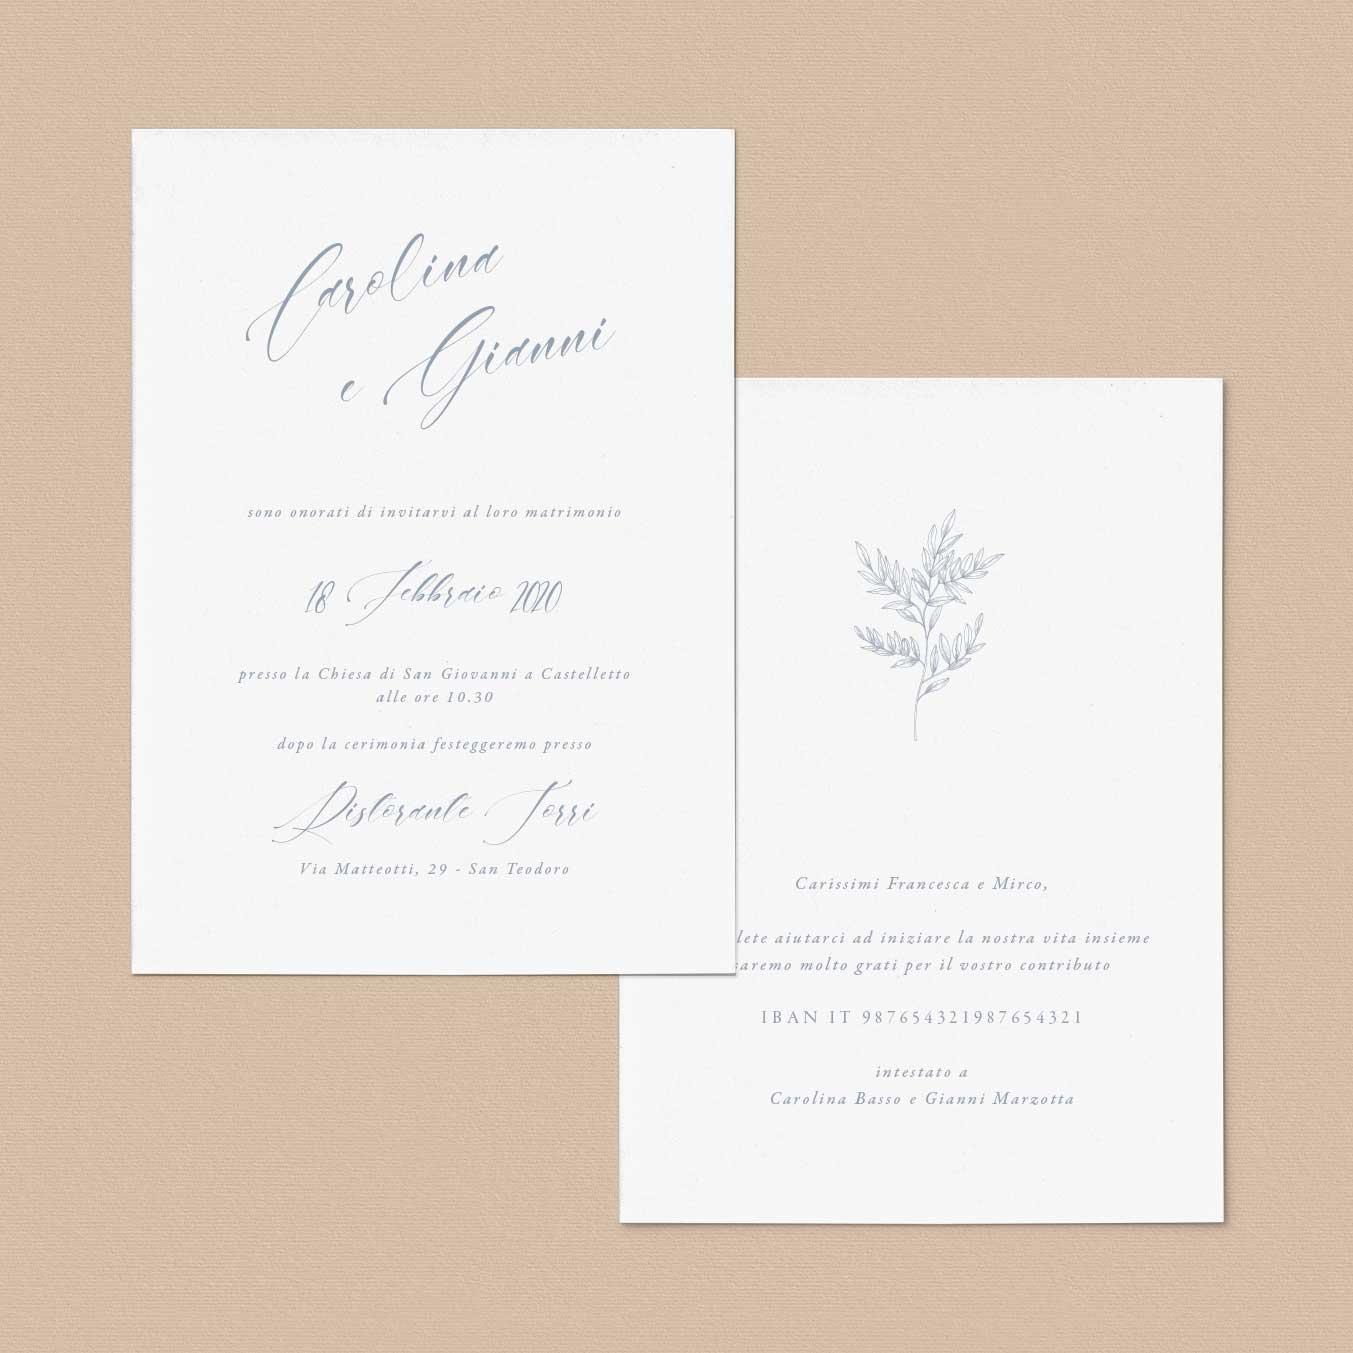 Iniviti-partecipazioni-Vintage-invitation-calligrafia-calligraphy-corsivo-elegante-fiori-fiore-flower